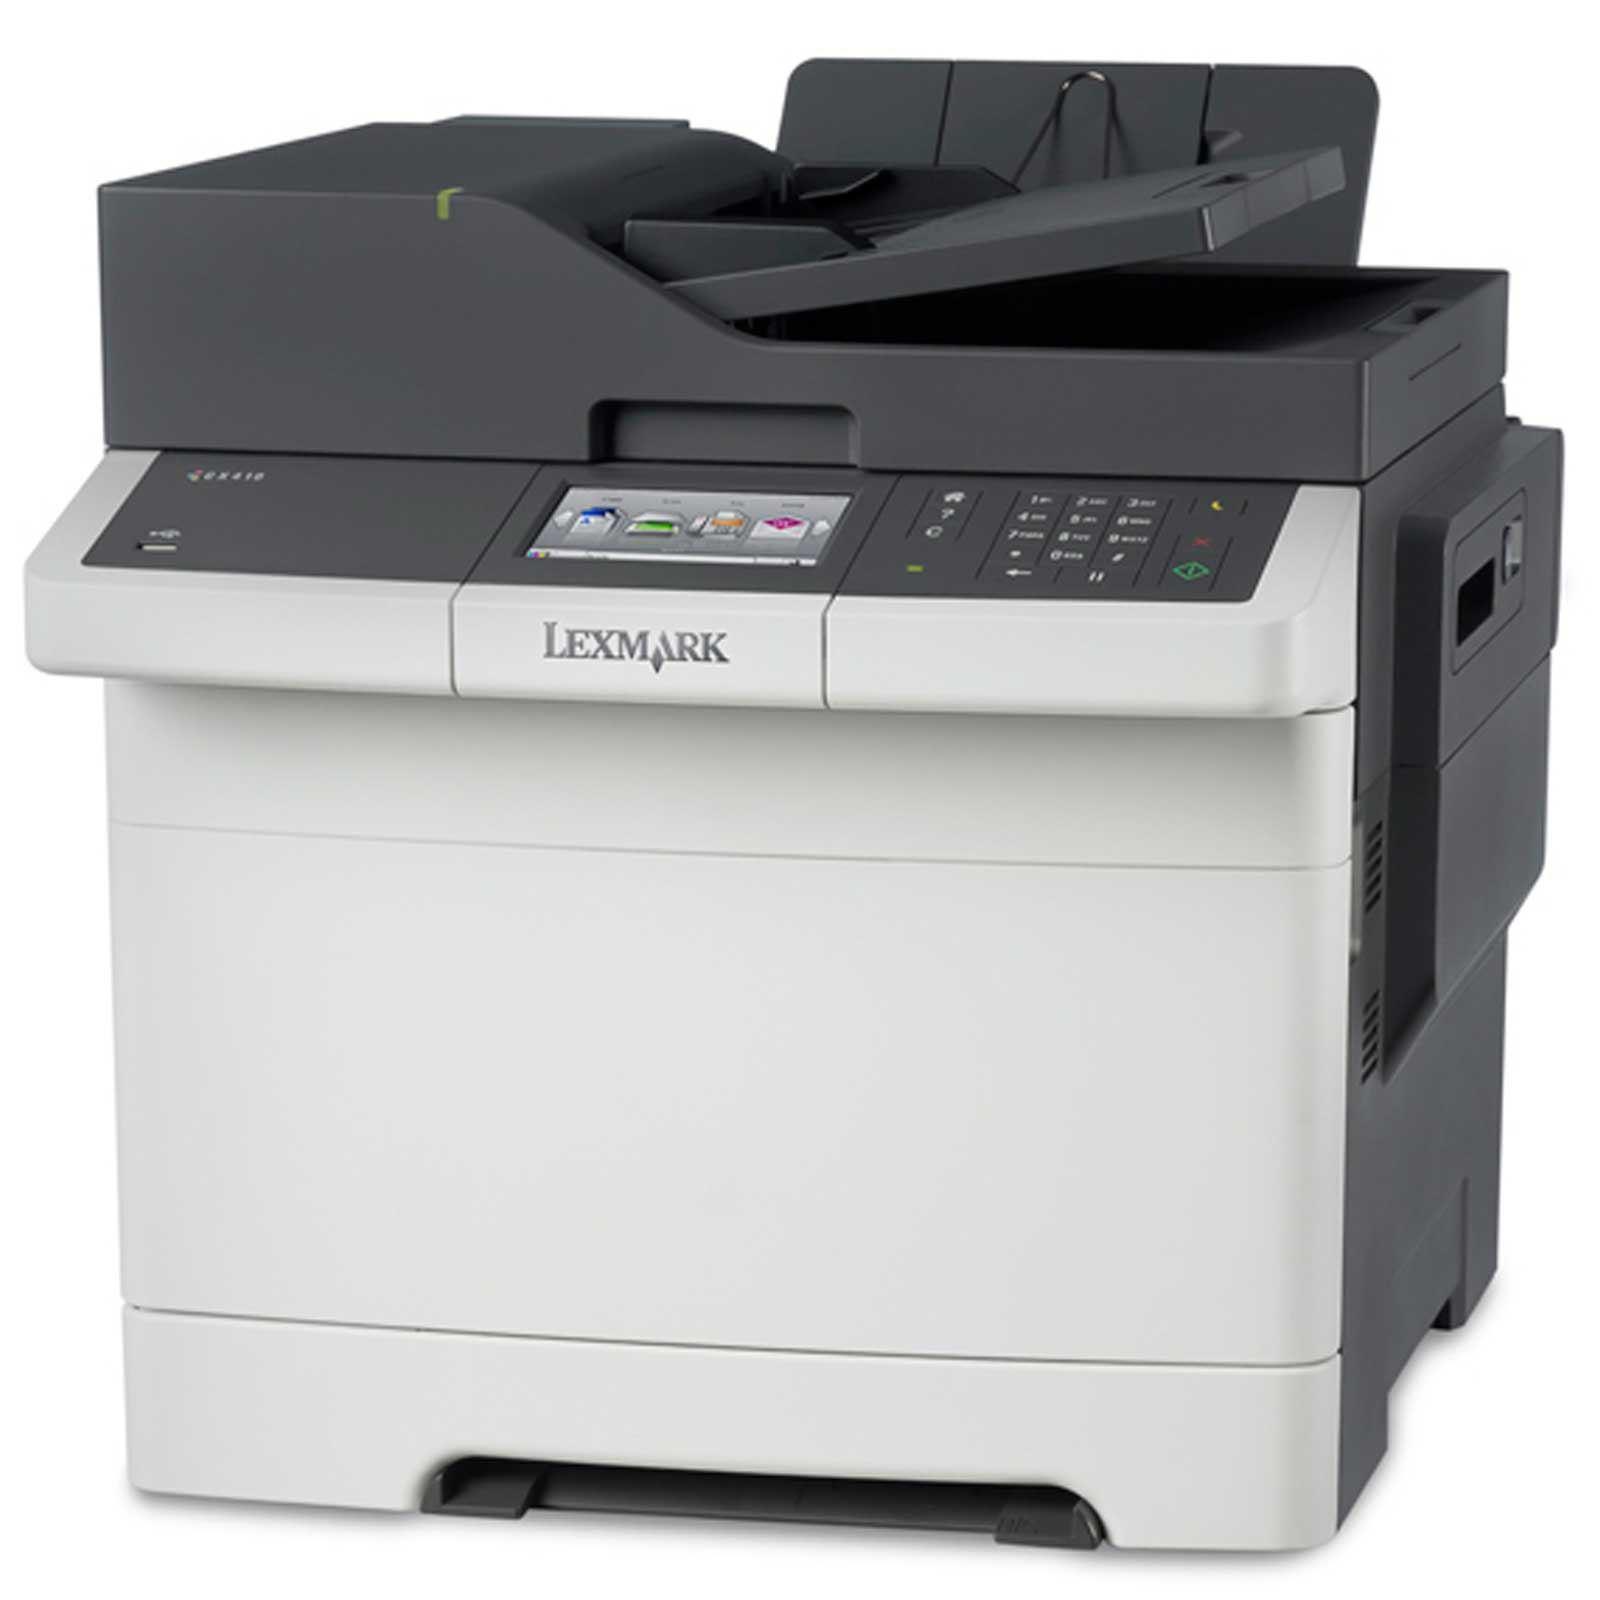 Lexmark CX410De color laser MFP, 30 ppm, síť, duplex, fax, RADF, dotykový LCD